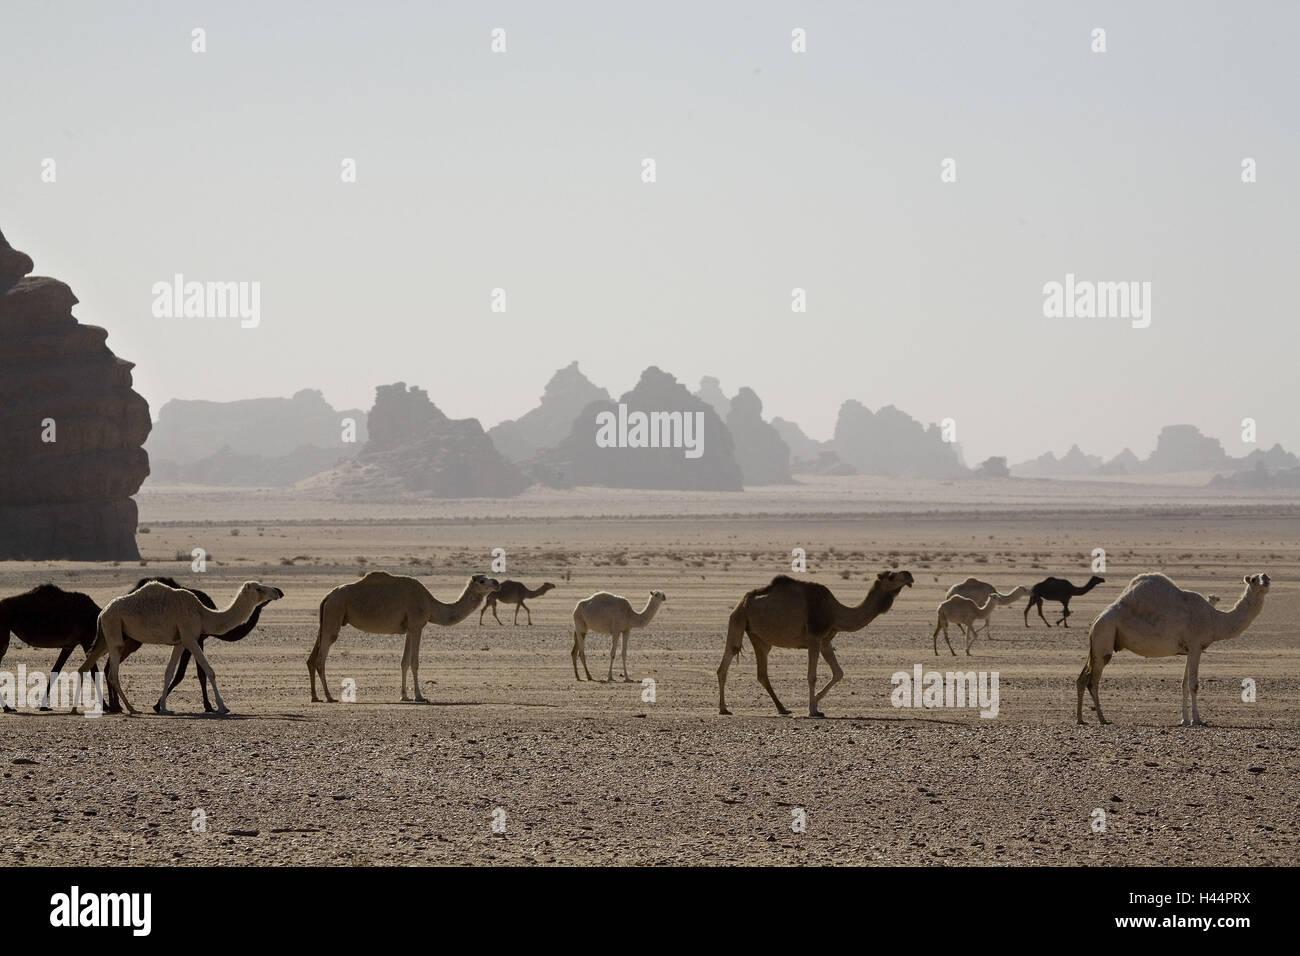 L'Arabie saoudite, province de la Hisma Tabuk, monde des montagnes, désert, chameaux, Photo Stock